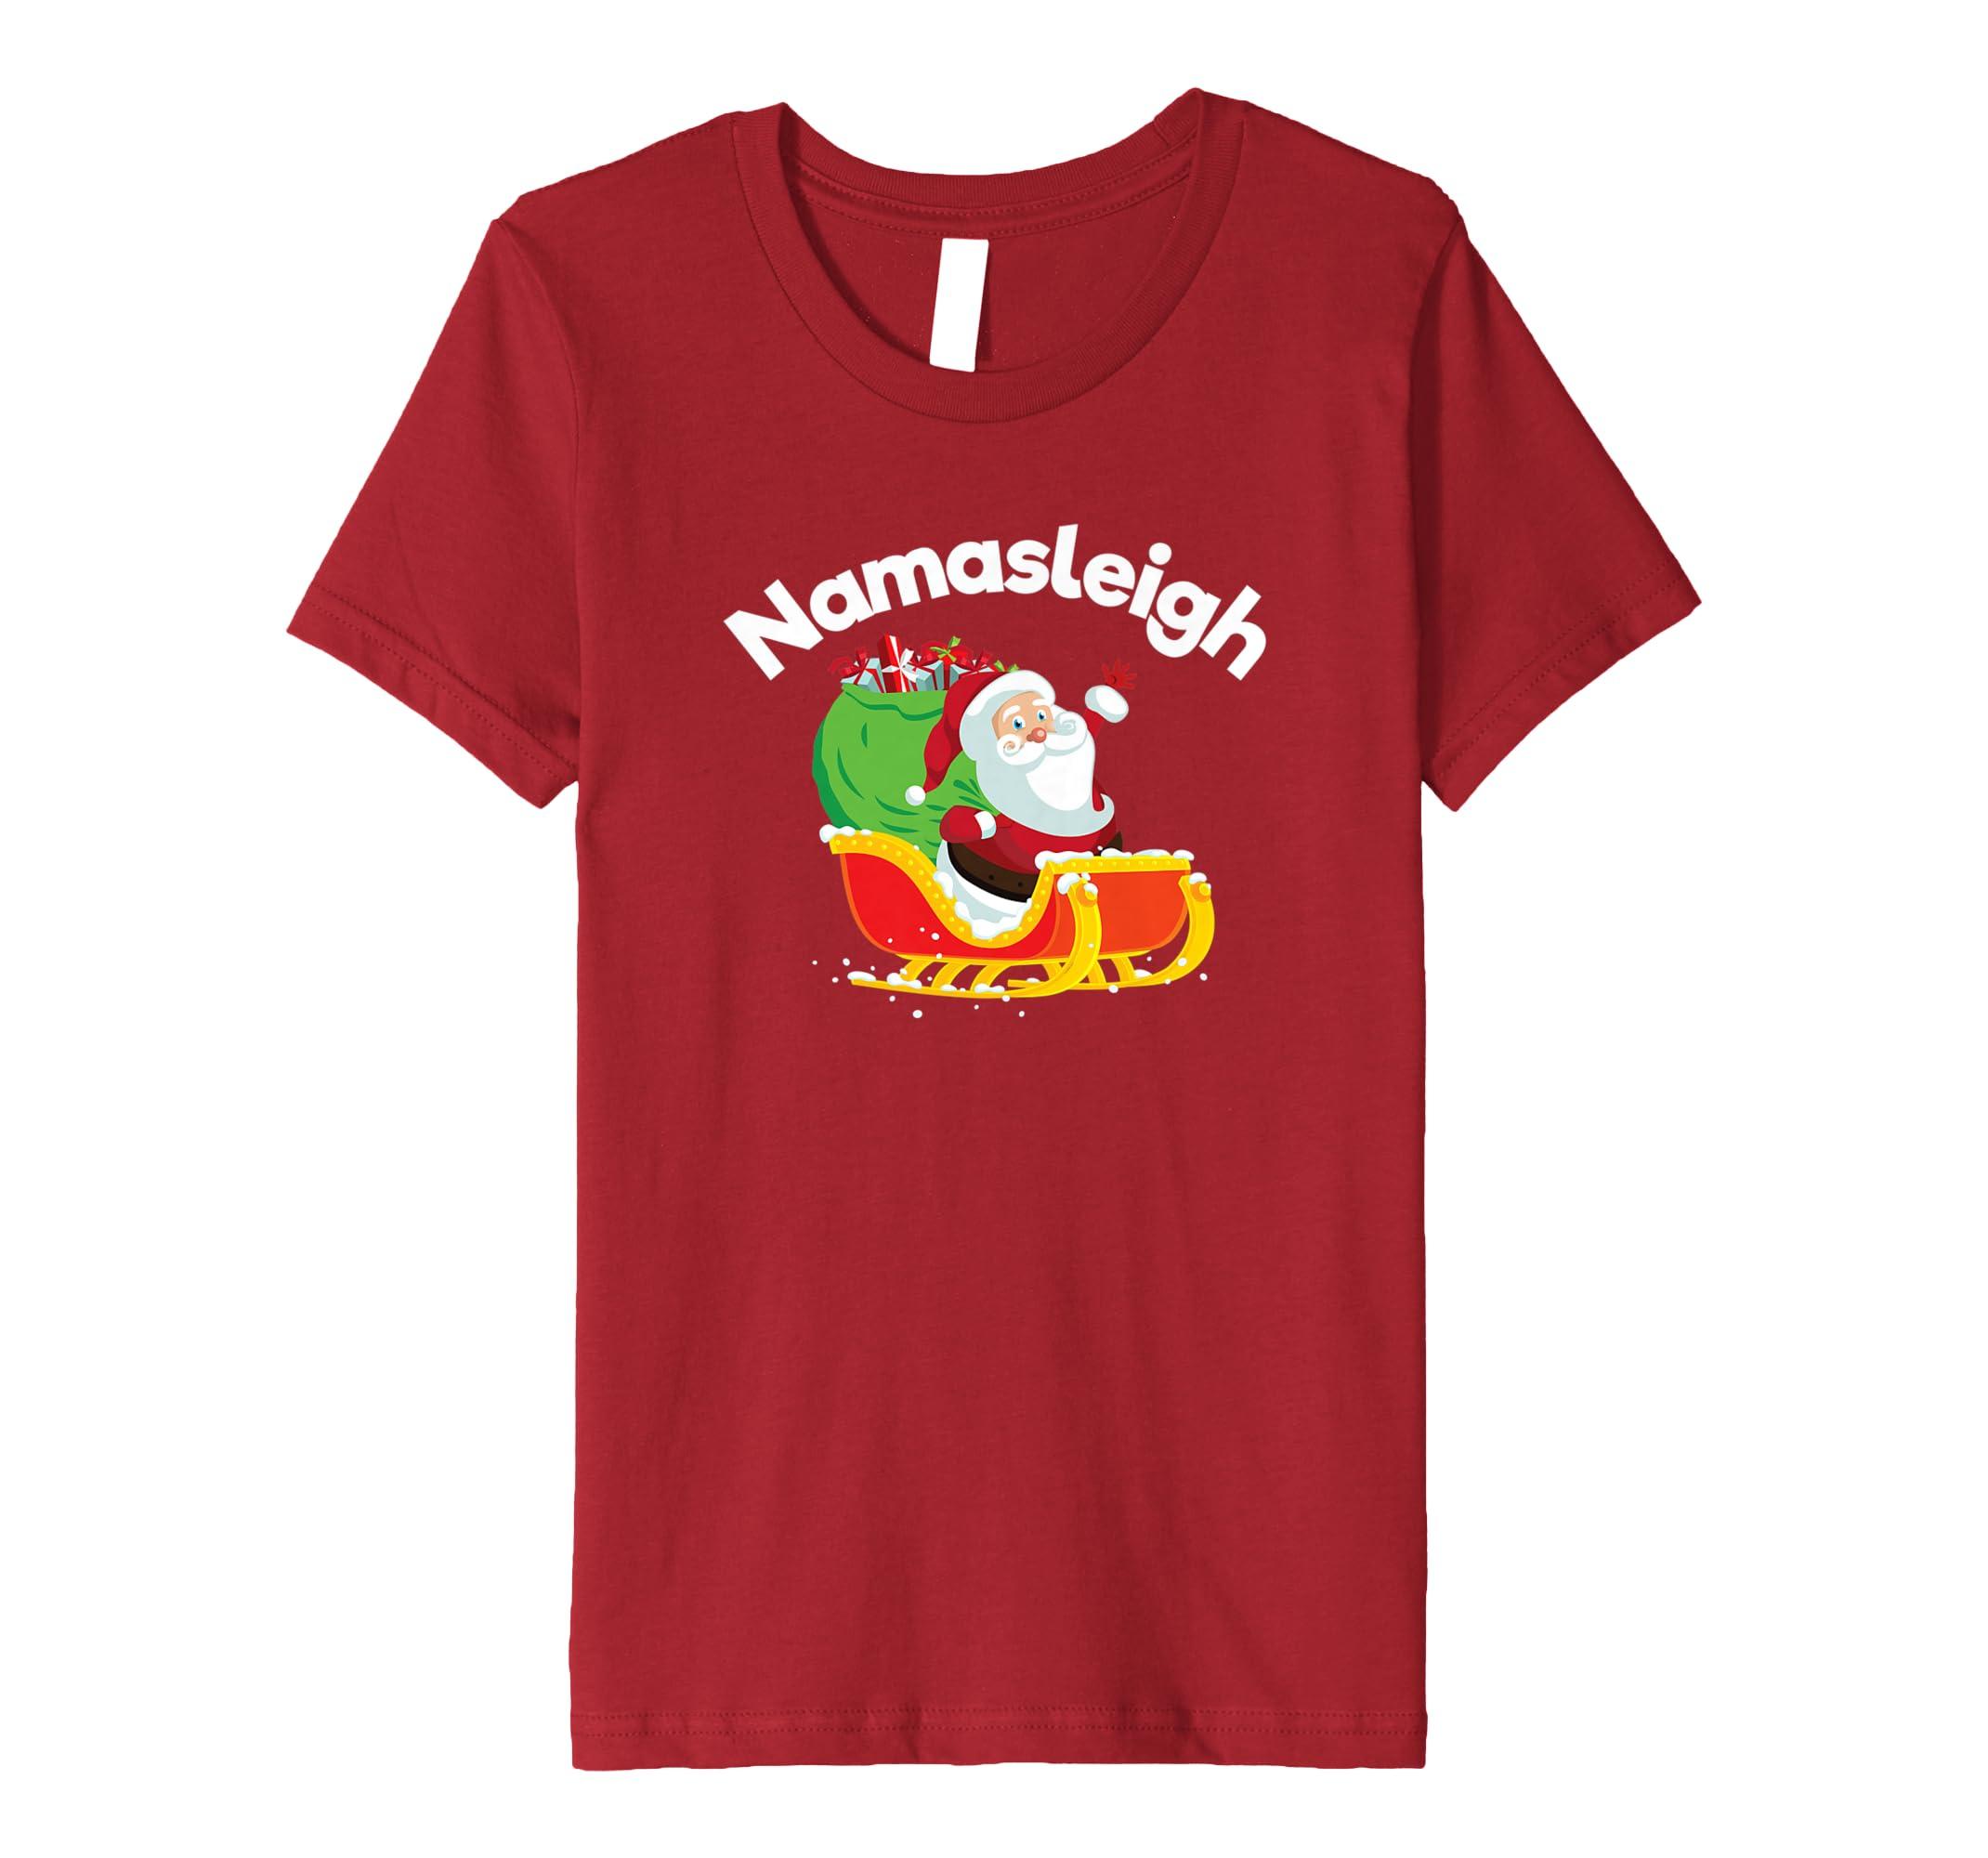 c4b2f5fbf Amazon.com: NamaSleigh Yoga Christmas Santa tshirt Funny Christmas Yoga:  Clothing